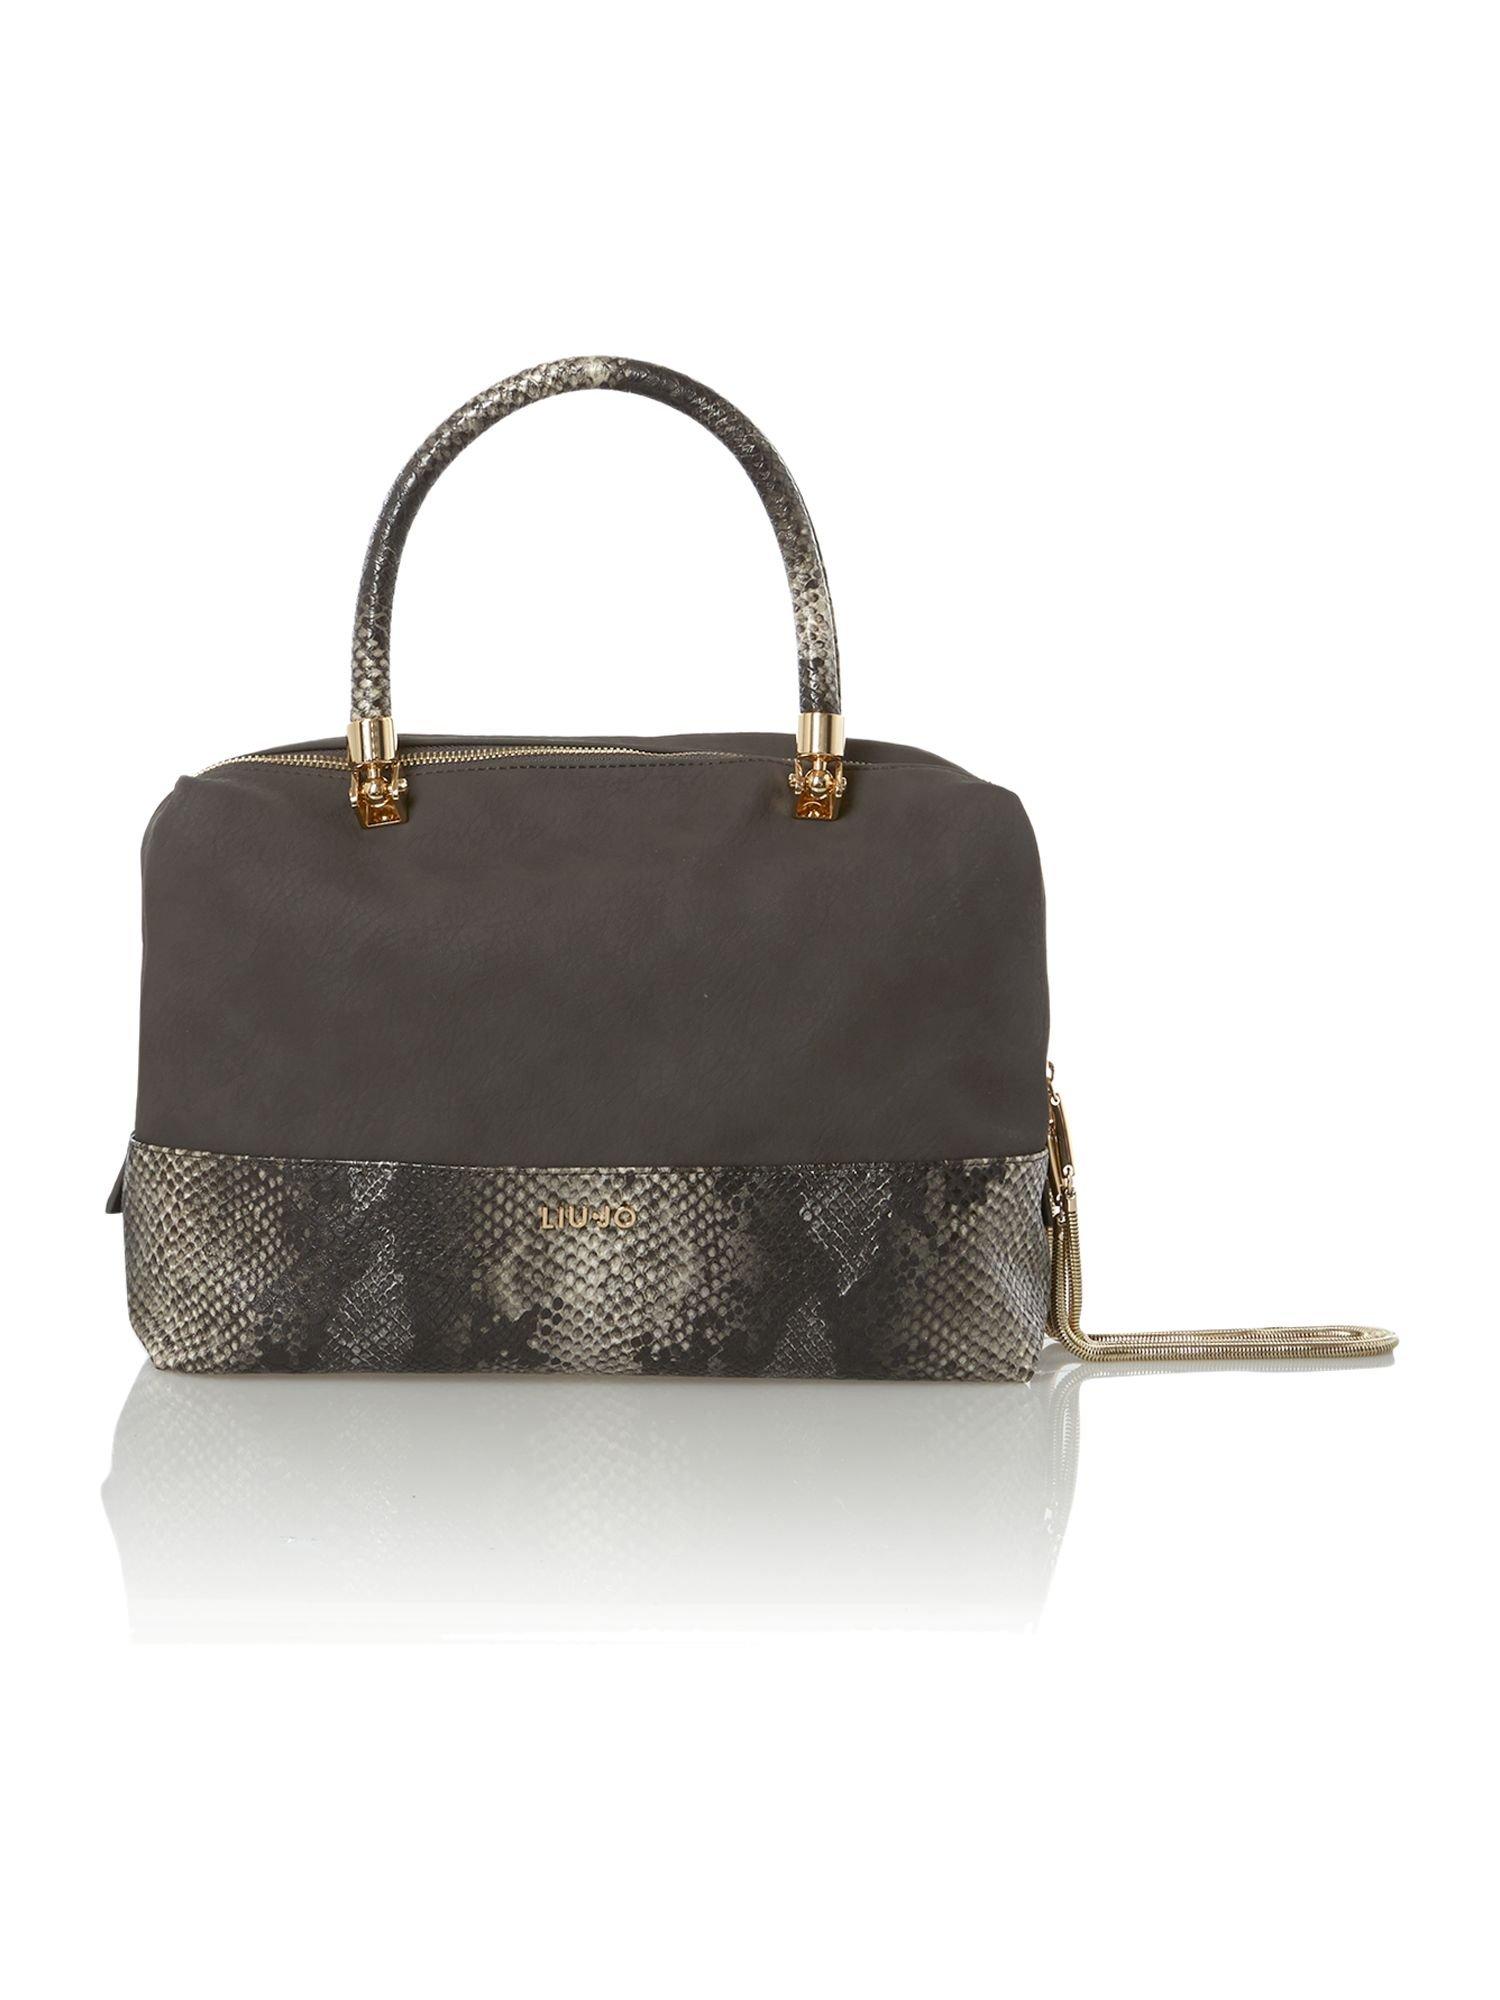 Liu jo Febe Python Grey Snake Bowling Bag in Gray (Grey) | Lyst